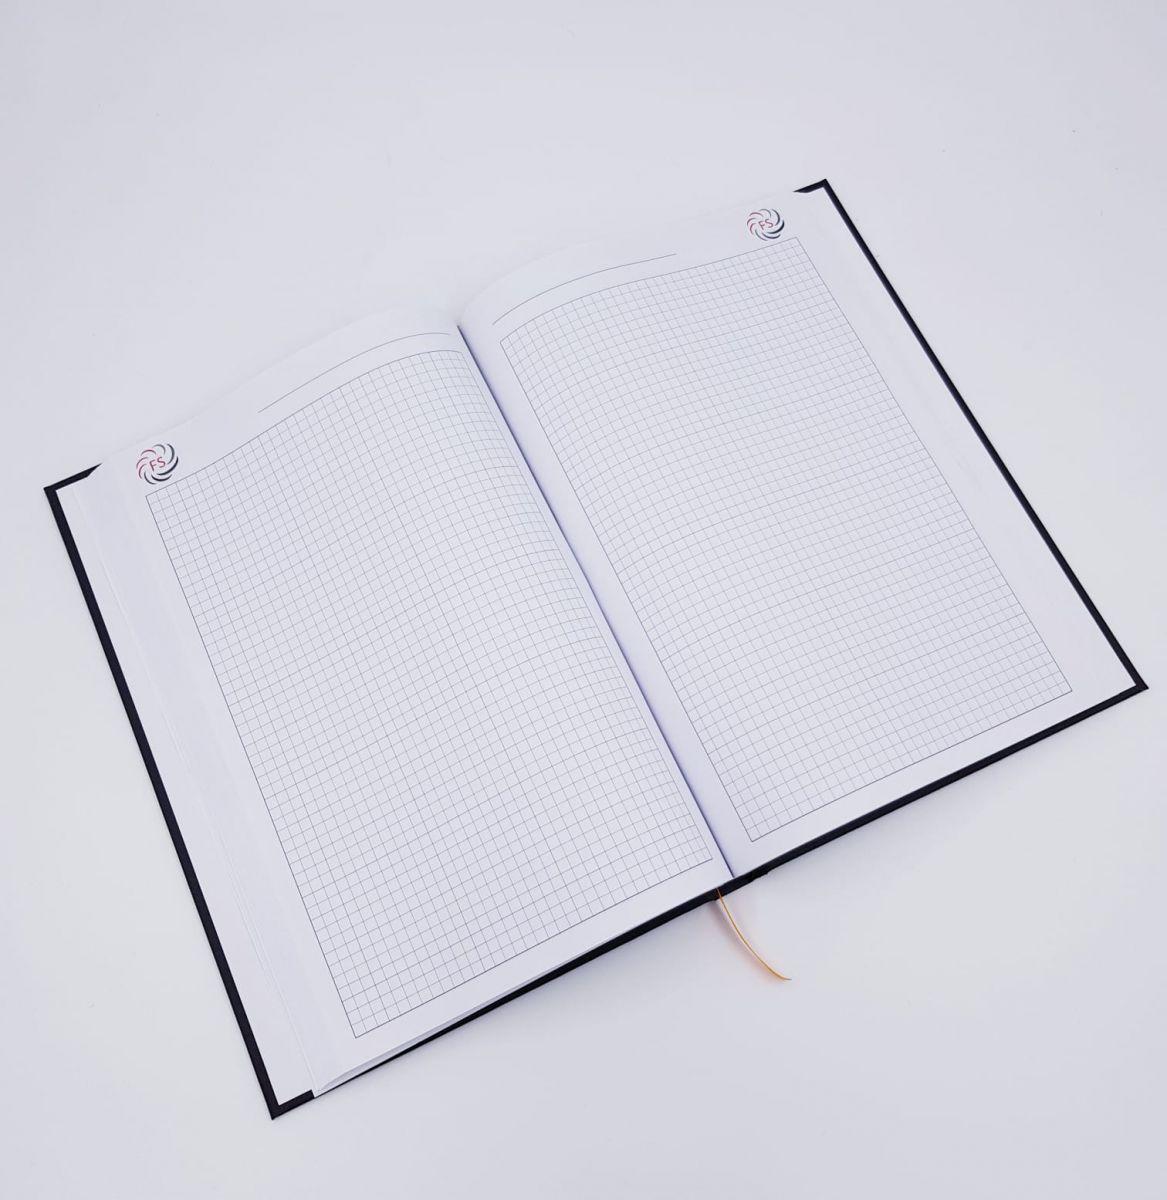 R-Design Werbedruck Geschäftsbuch